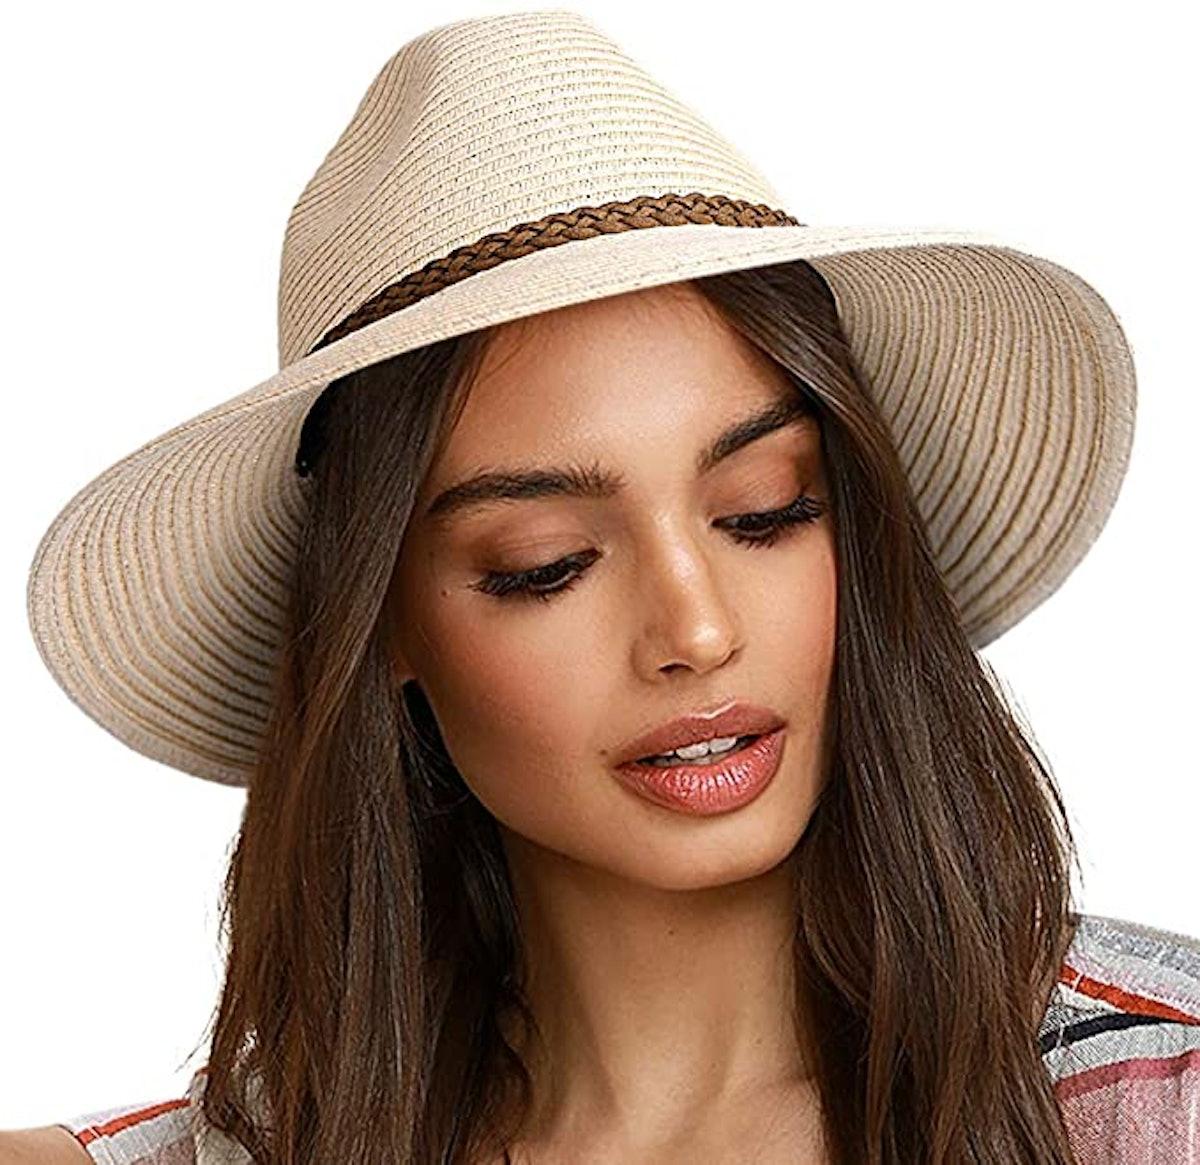 FURTALK Wide Brim Sun Hat UPF 50+